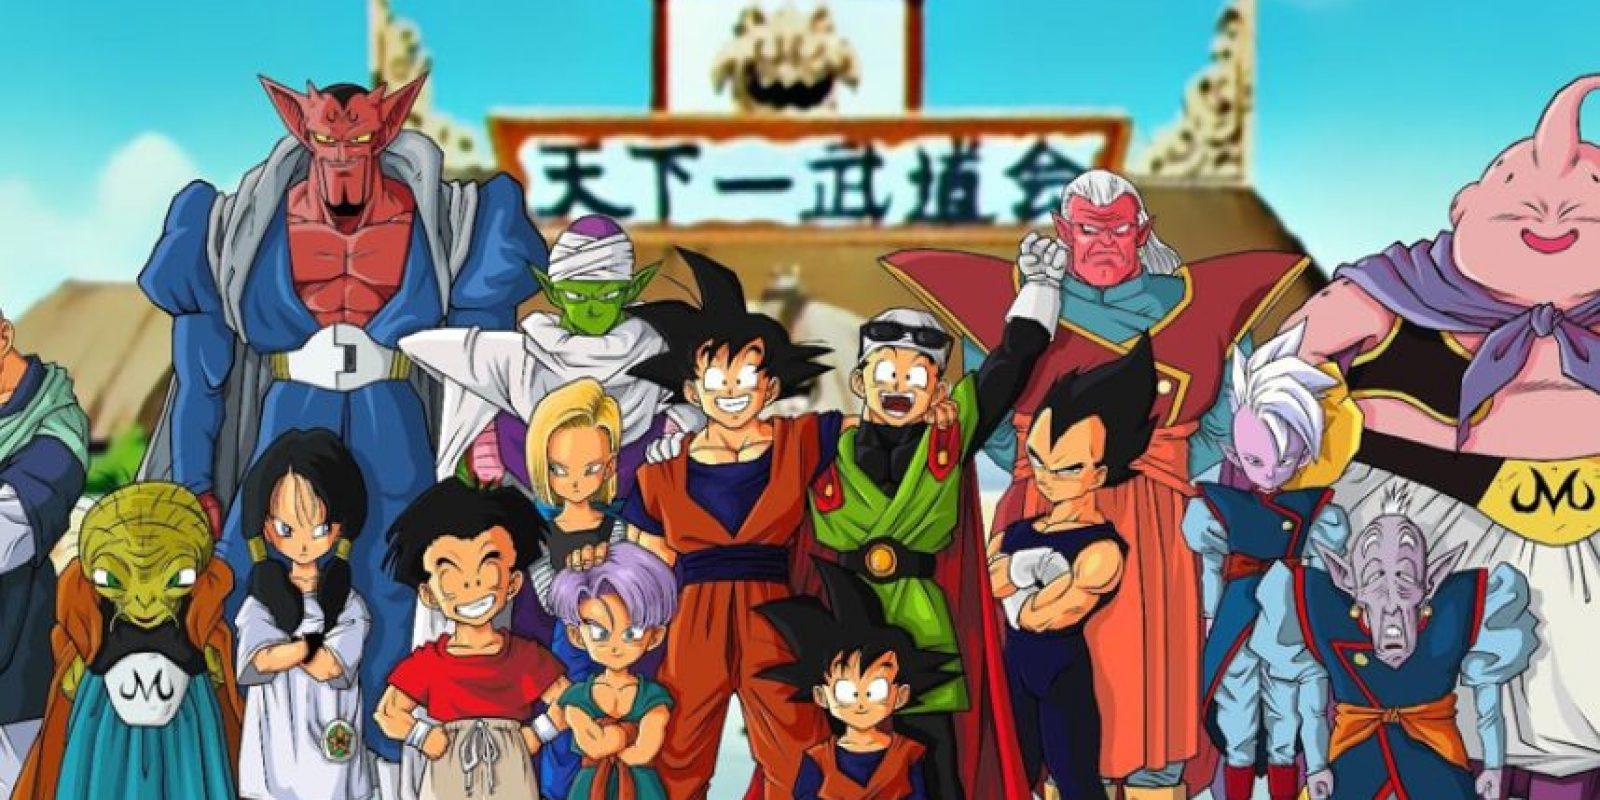 Los personajes también tienen nombres de ropa interior o alimentos. Foto:vía Toei